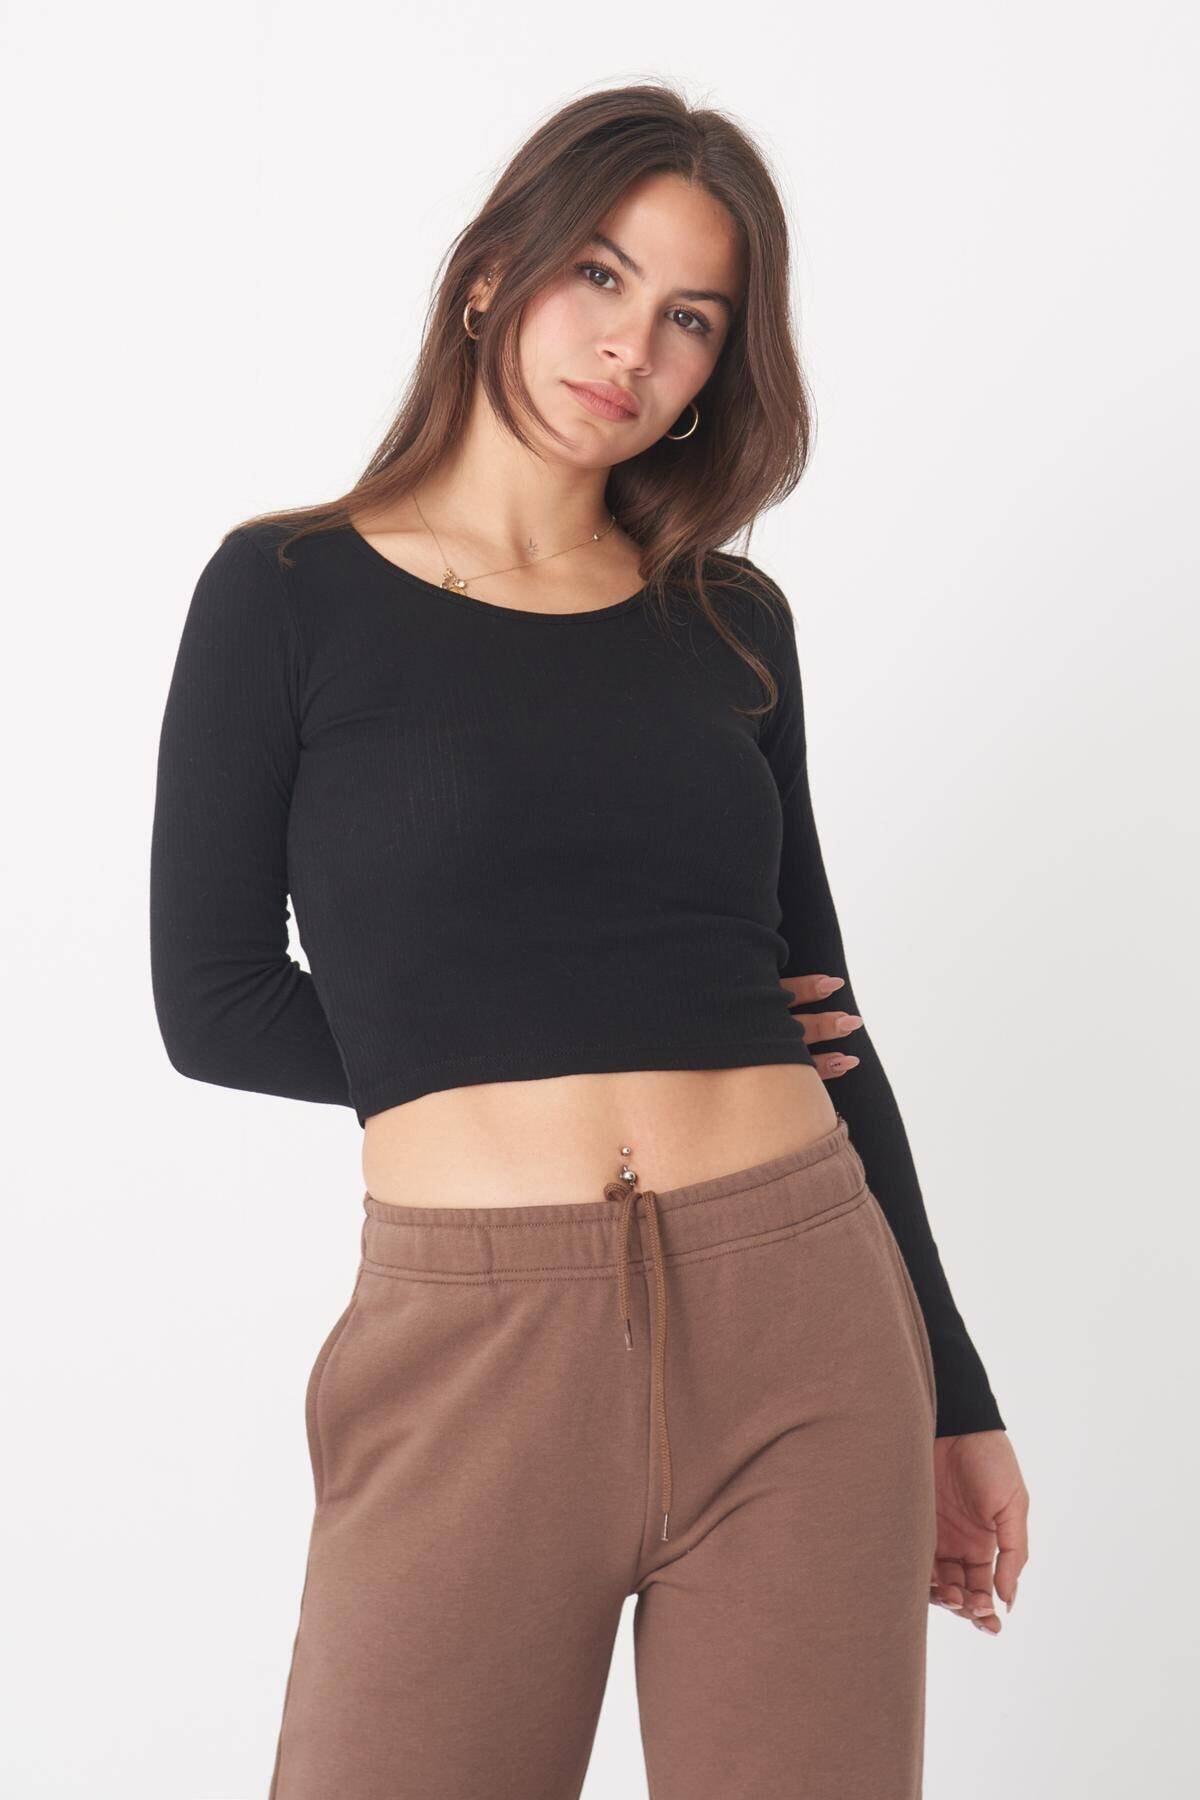 Addax Kadın Siyah Uzun Kollu Bluz B1069 - W12 Adx-0000023026 3